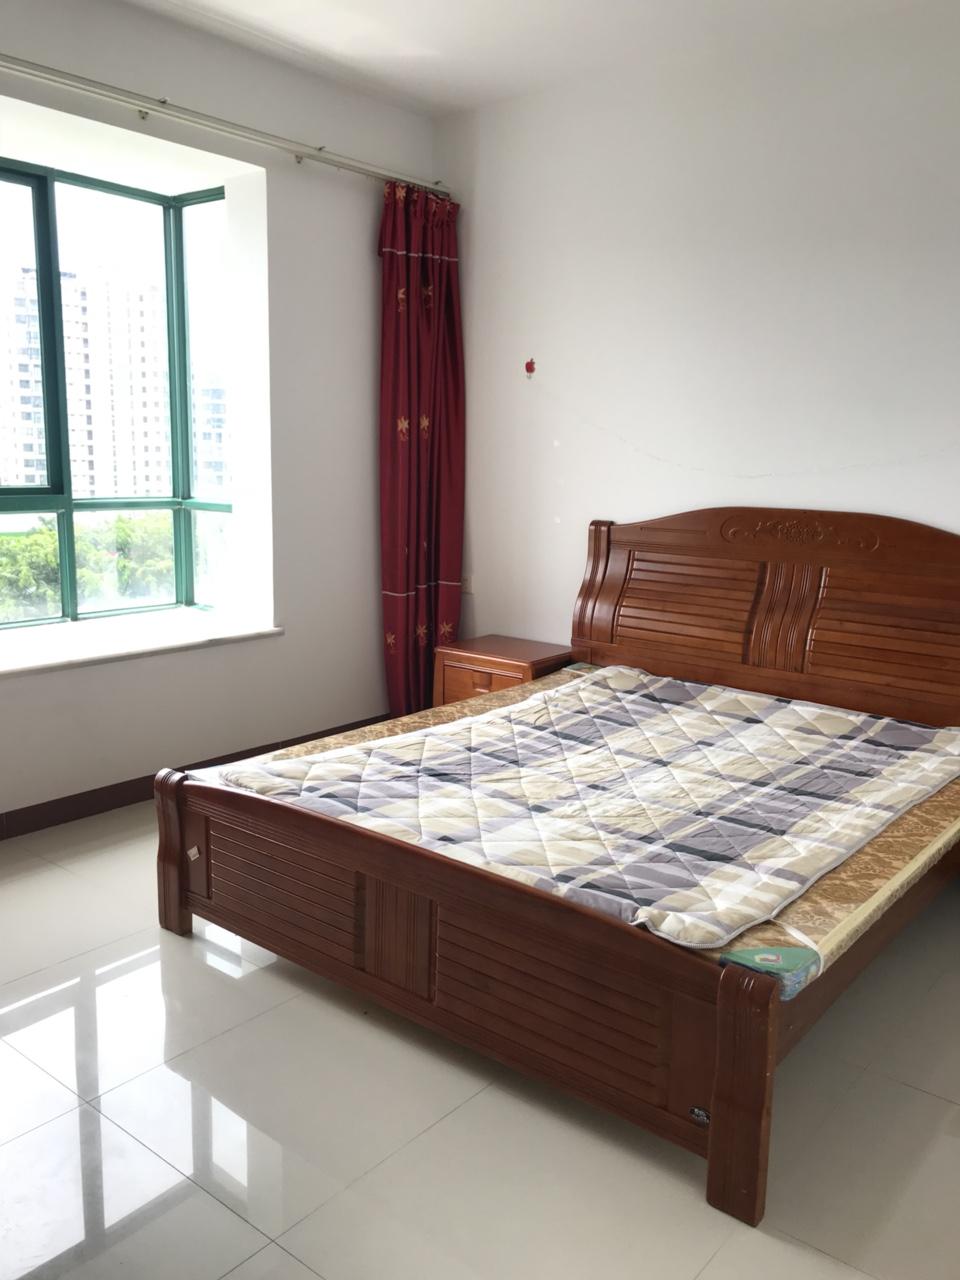 锦绣山庄首次出租,九成新,配备全套家具,拎包入住!